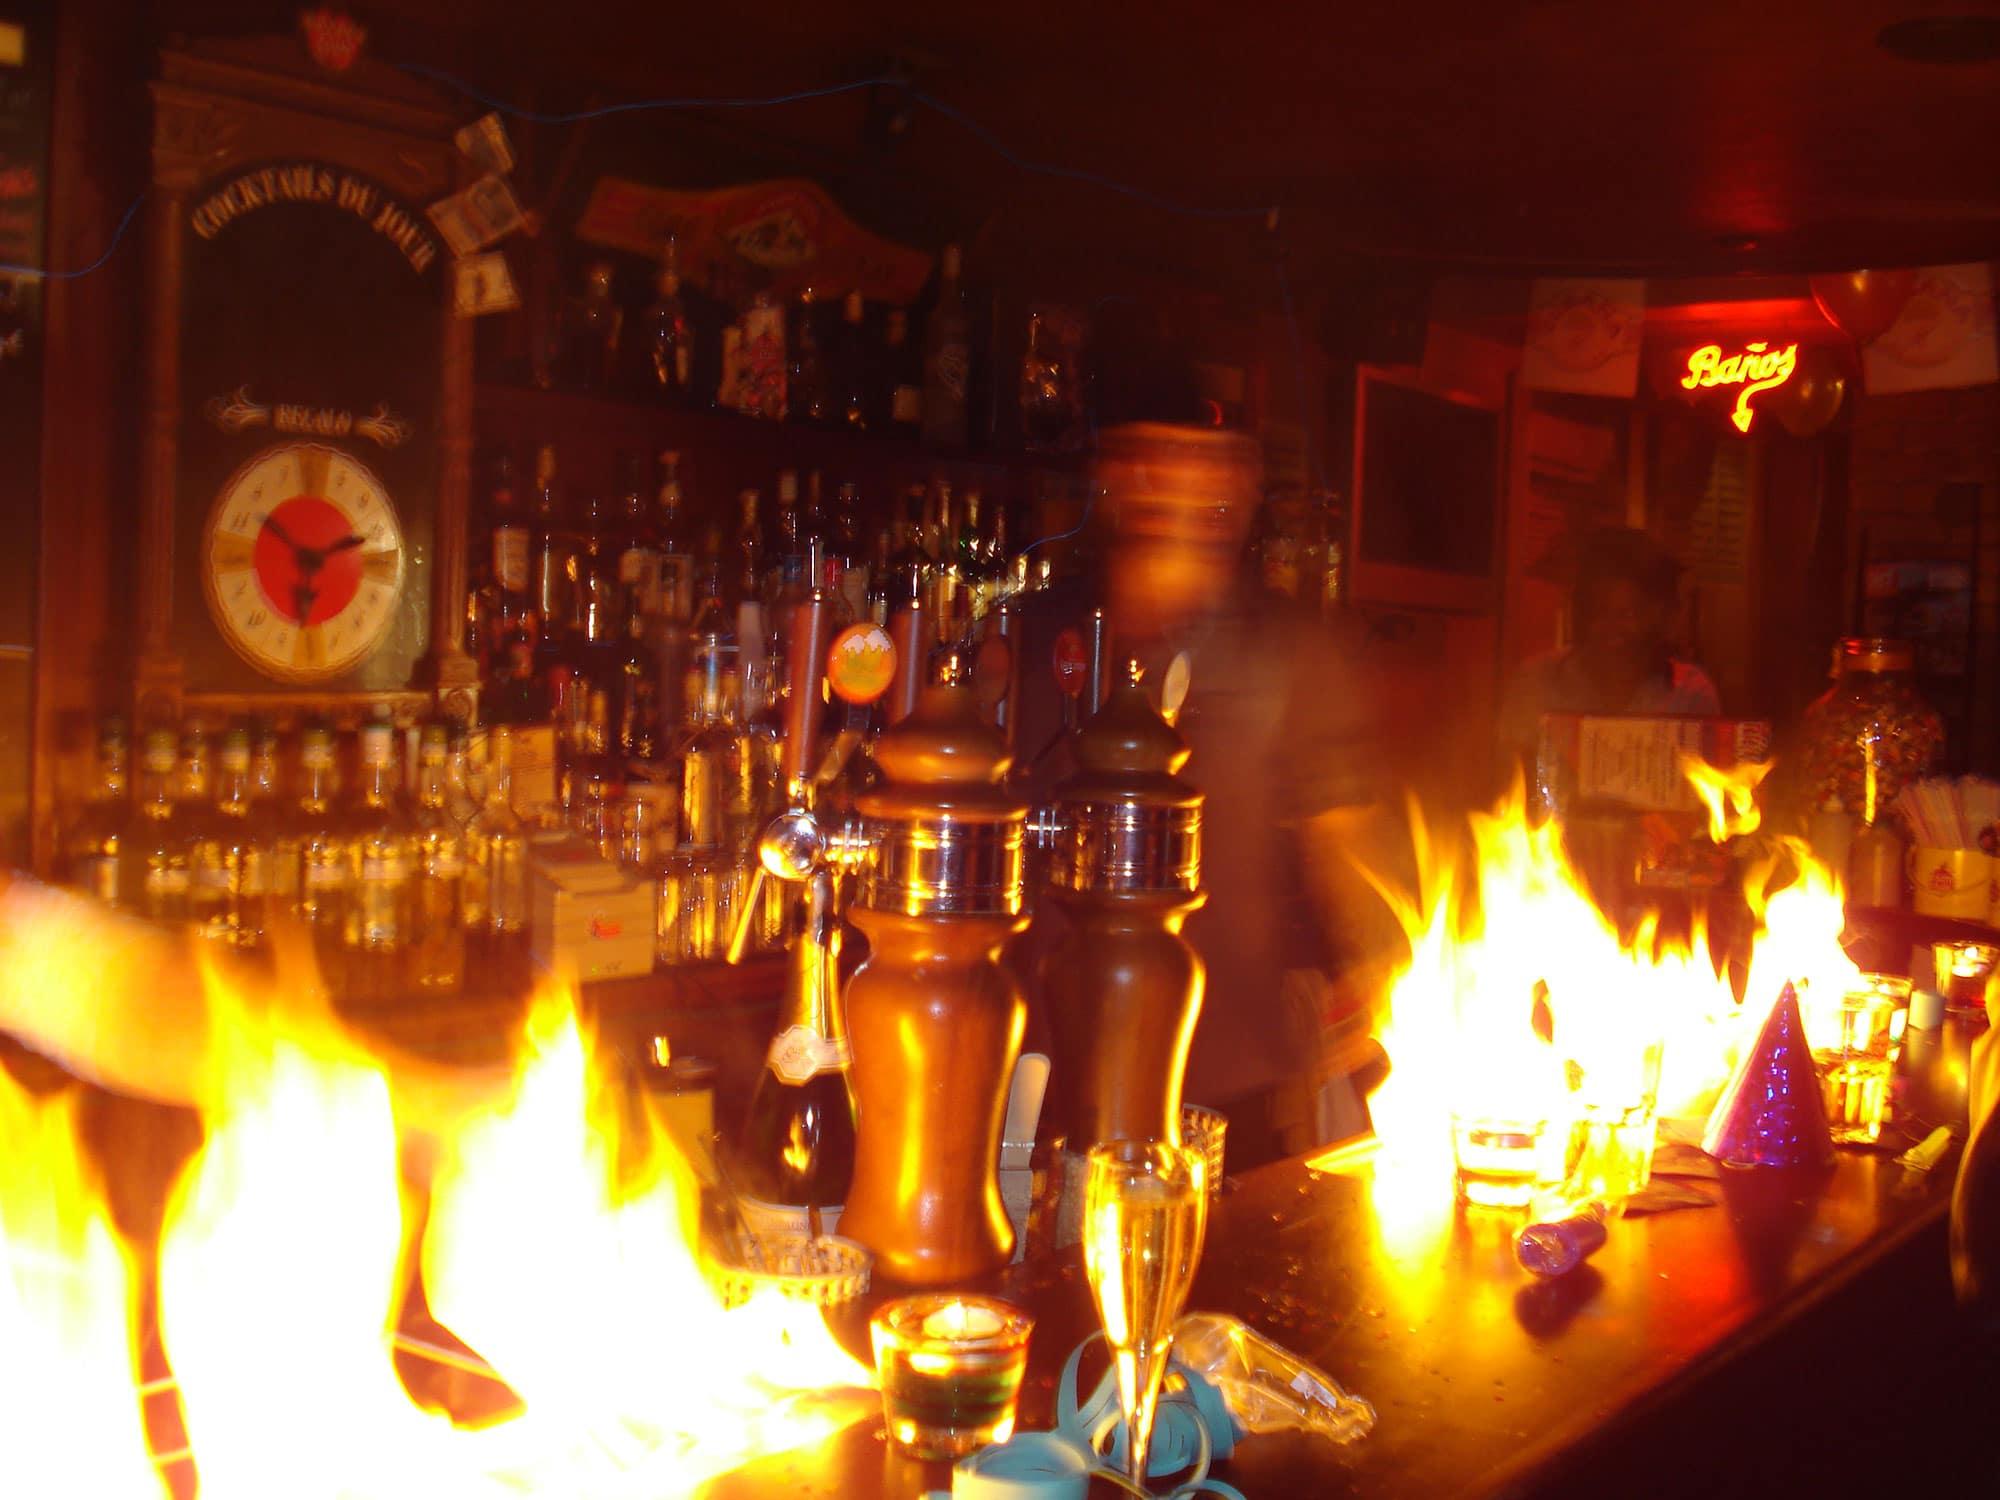 Bar à cocktails cubain Paris Cubana Café soirée salsa